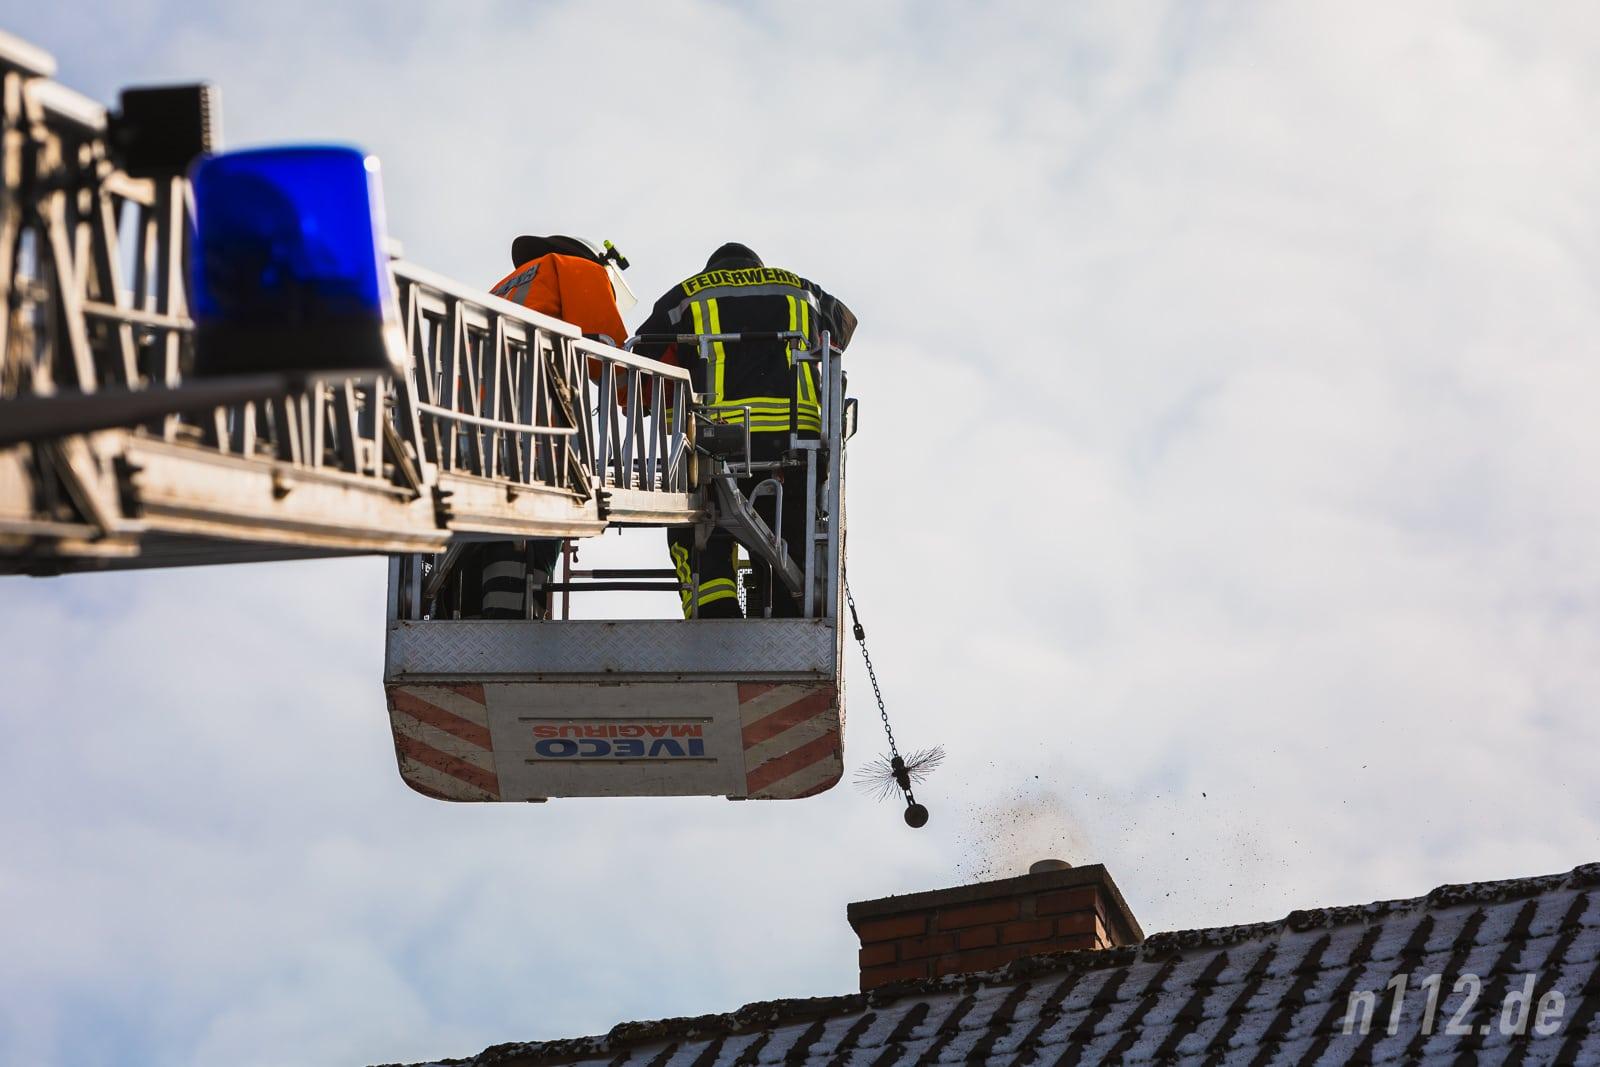 Raus mit dem Ruß! Feuerwehrleute reinigen den Kamin mit einer speziellen Kugelbürste (Alle Fotos: n112.de/Stefan Simonsen)